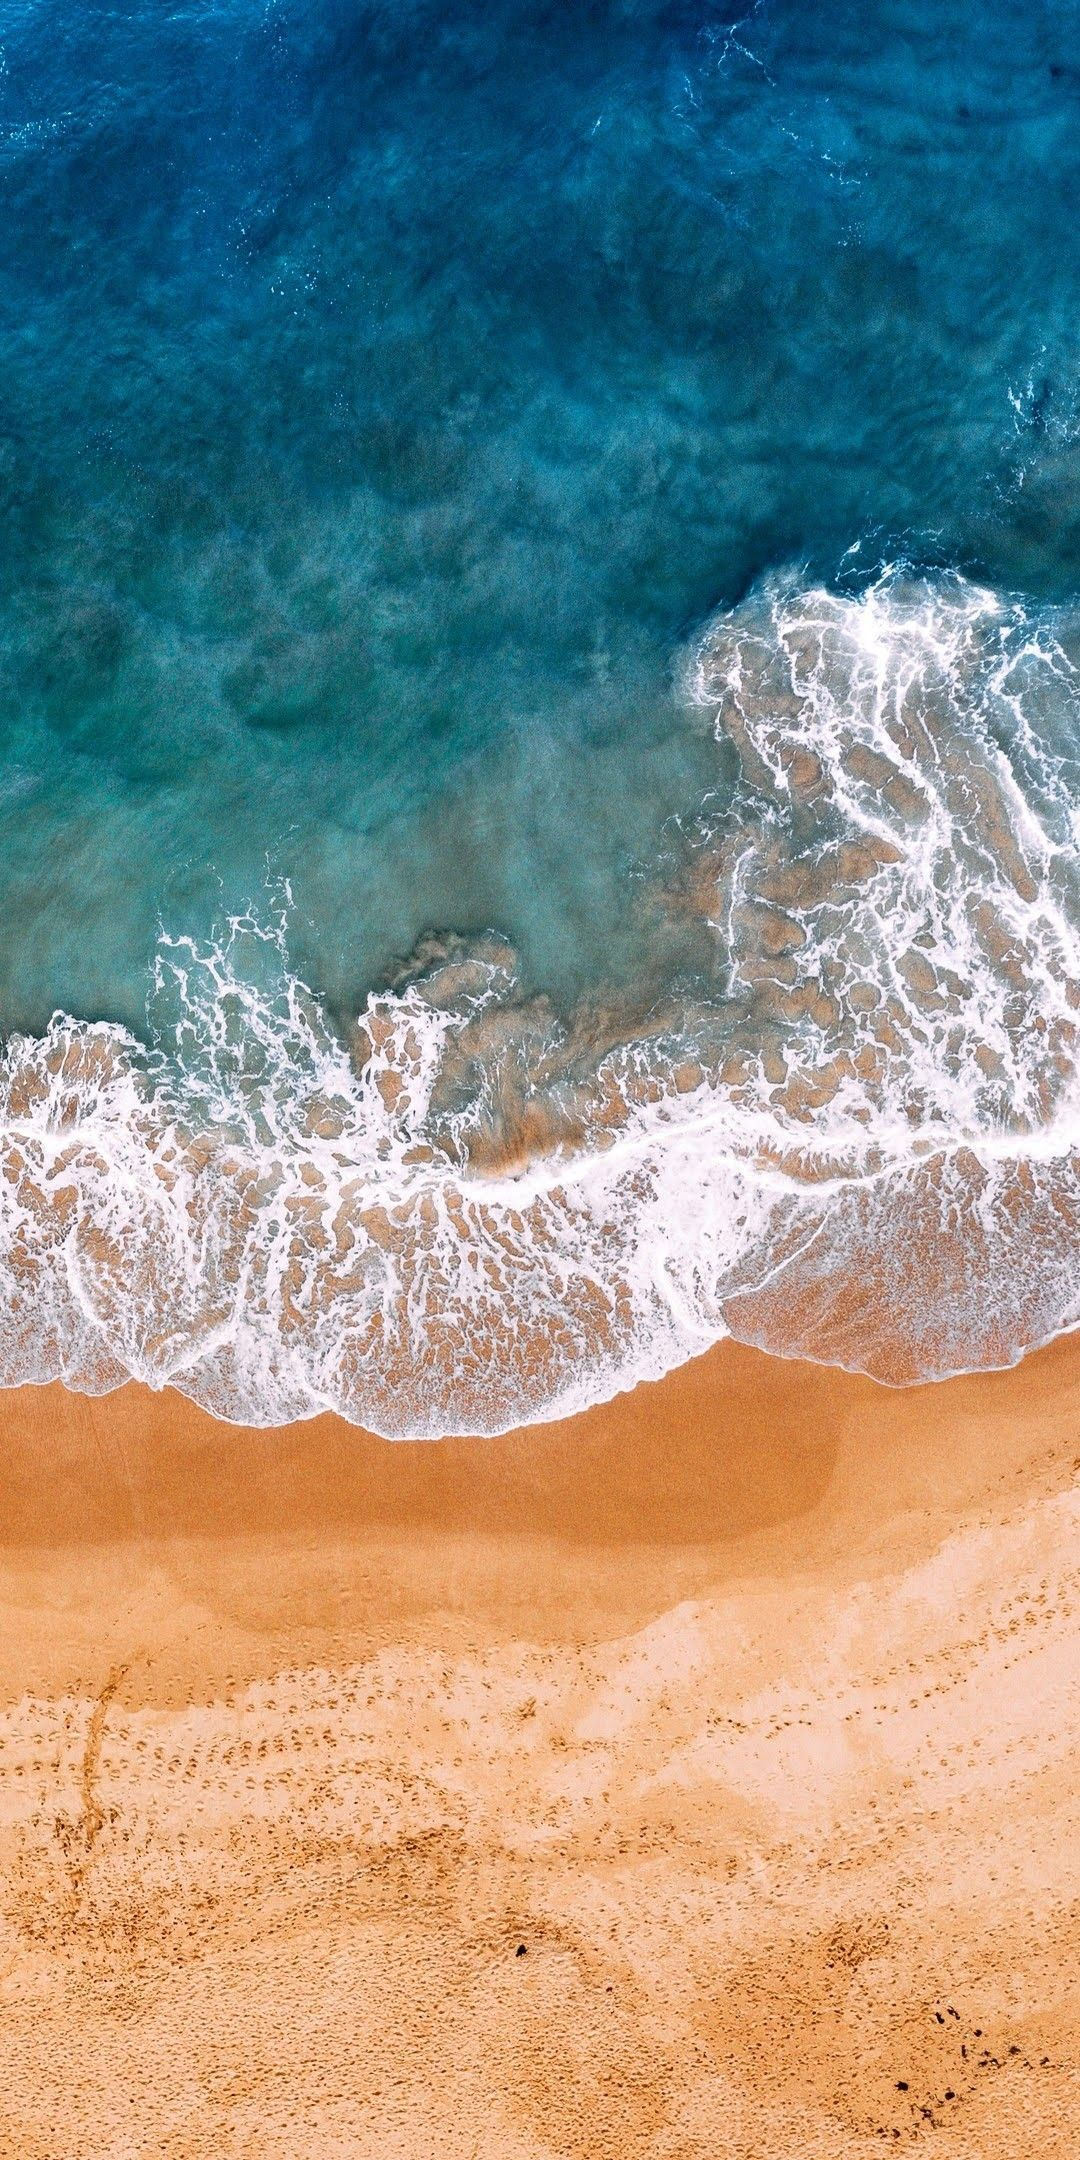 Пин от пользователя Federica Susanj на доске Drones Photography | Живописные пейзажи, Фотографии природы, Пейзажи